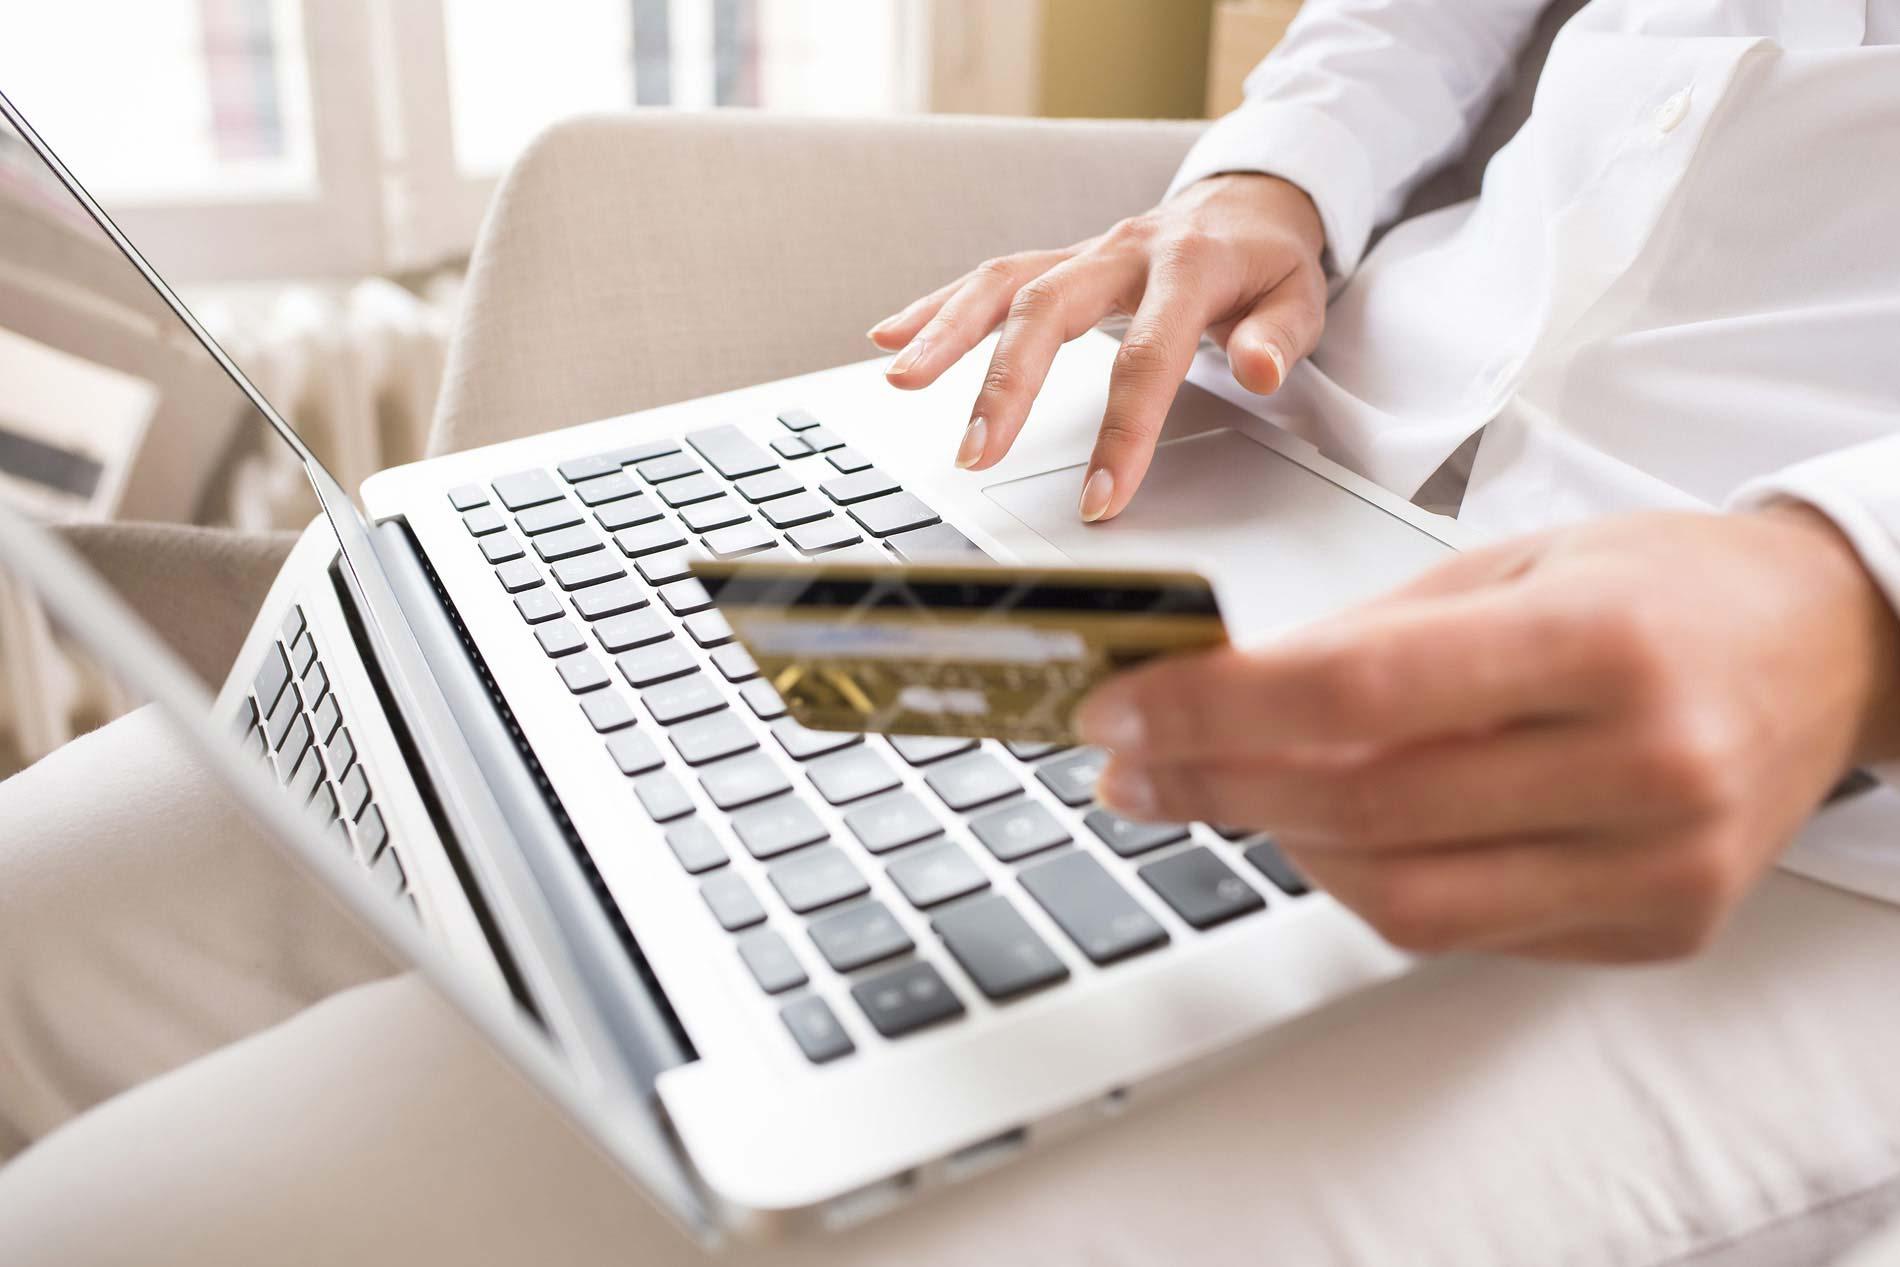 tiendas-online-vender-productos-asturias-diseno-web